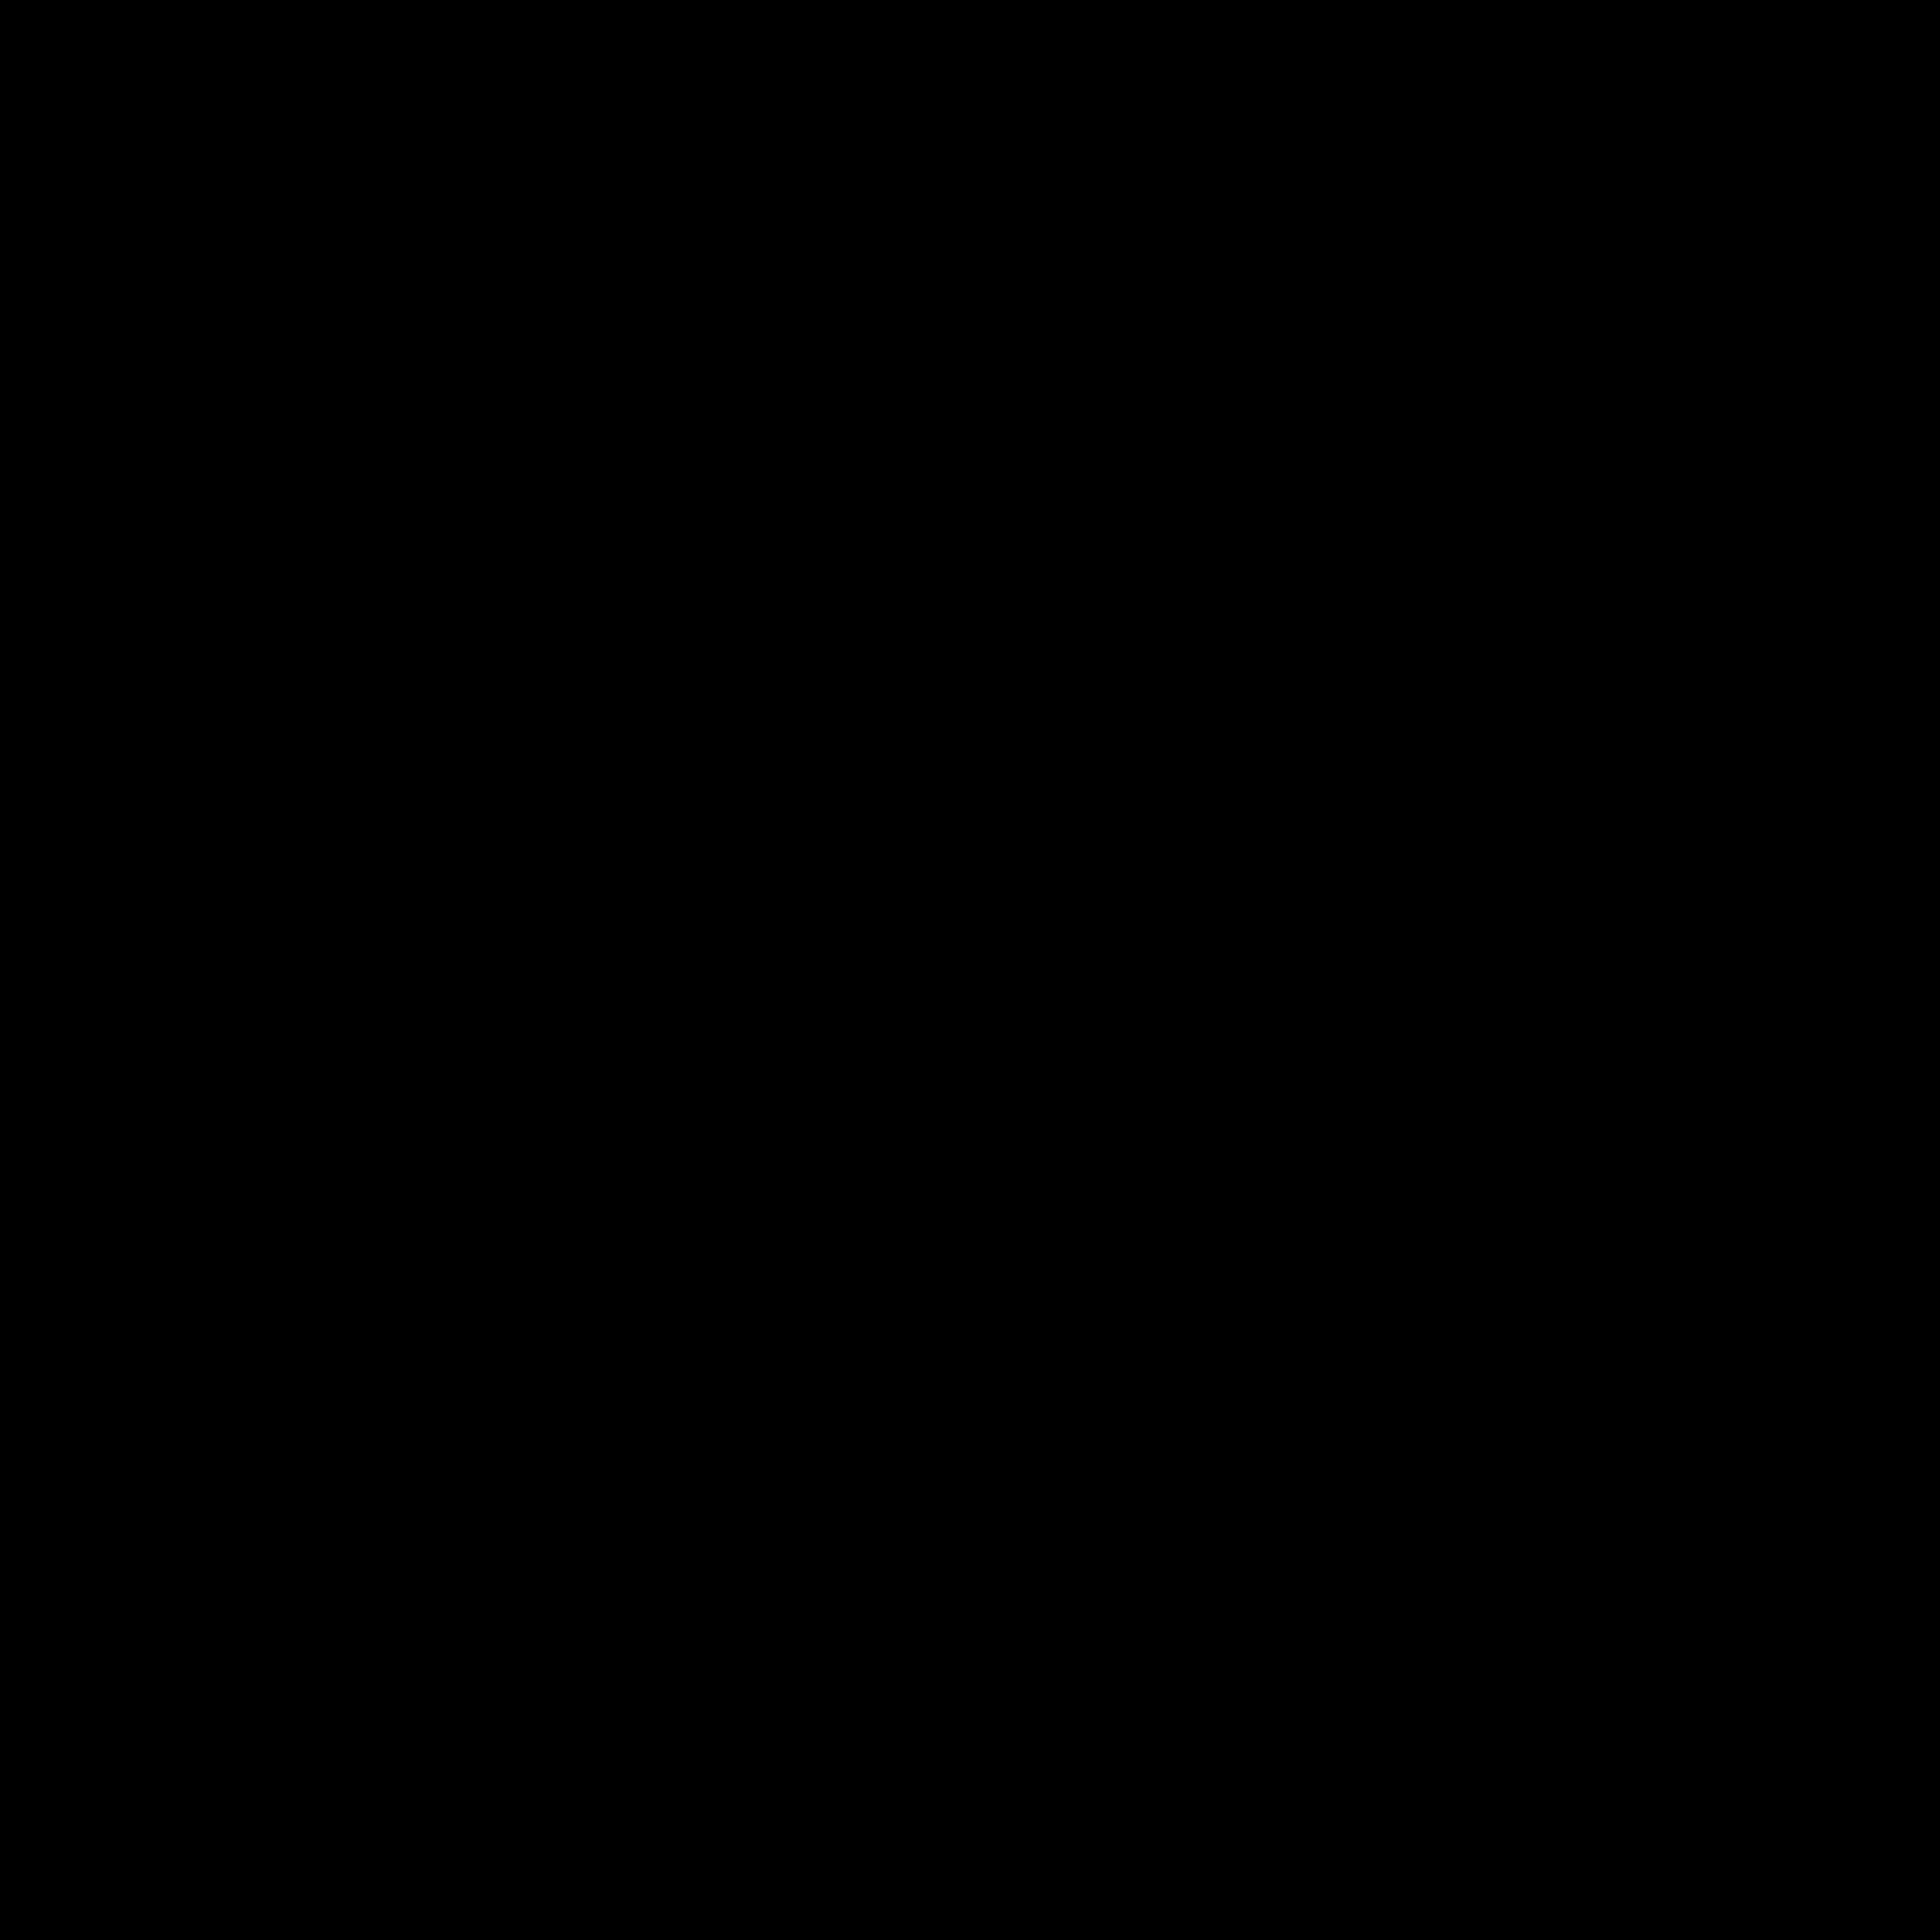 https://0201.nccdn.net/4_2/000/000/050/773/kramer-logo-png-transparent-2400x2400.png